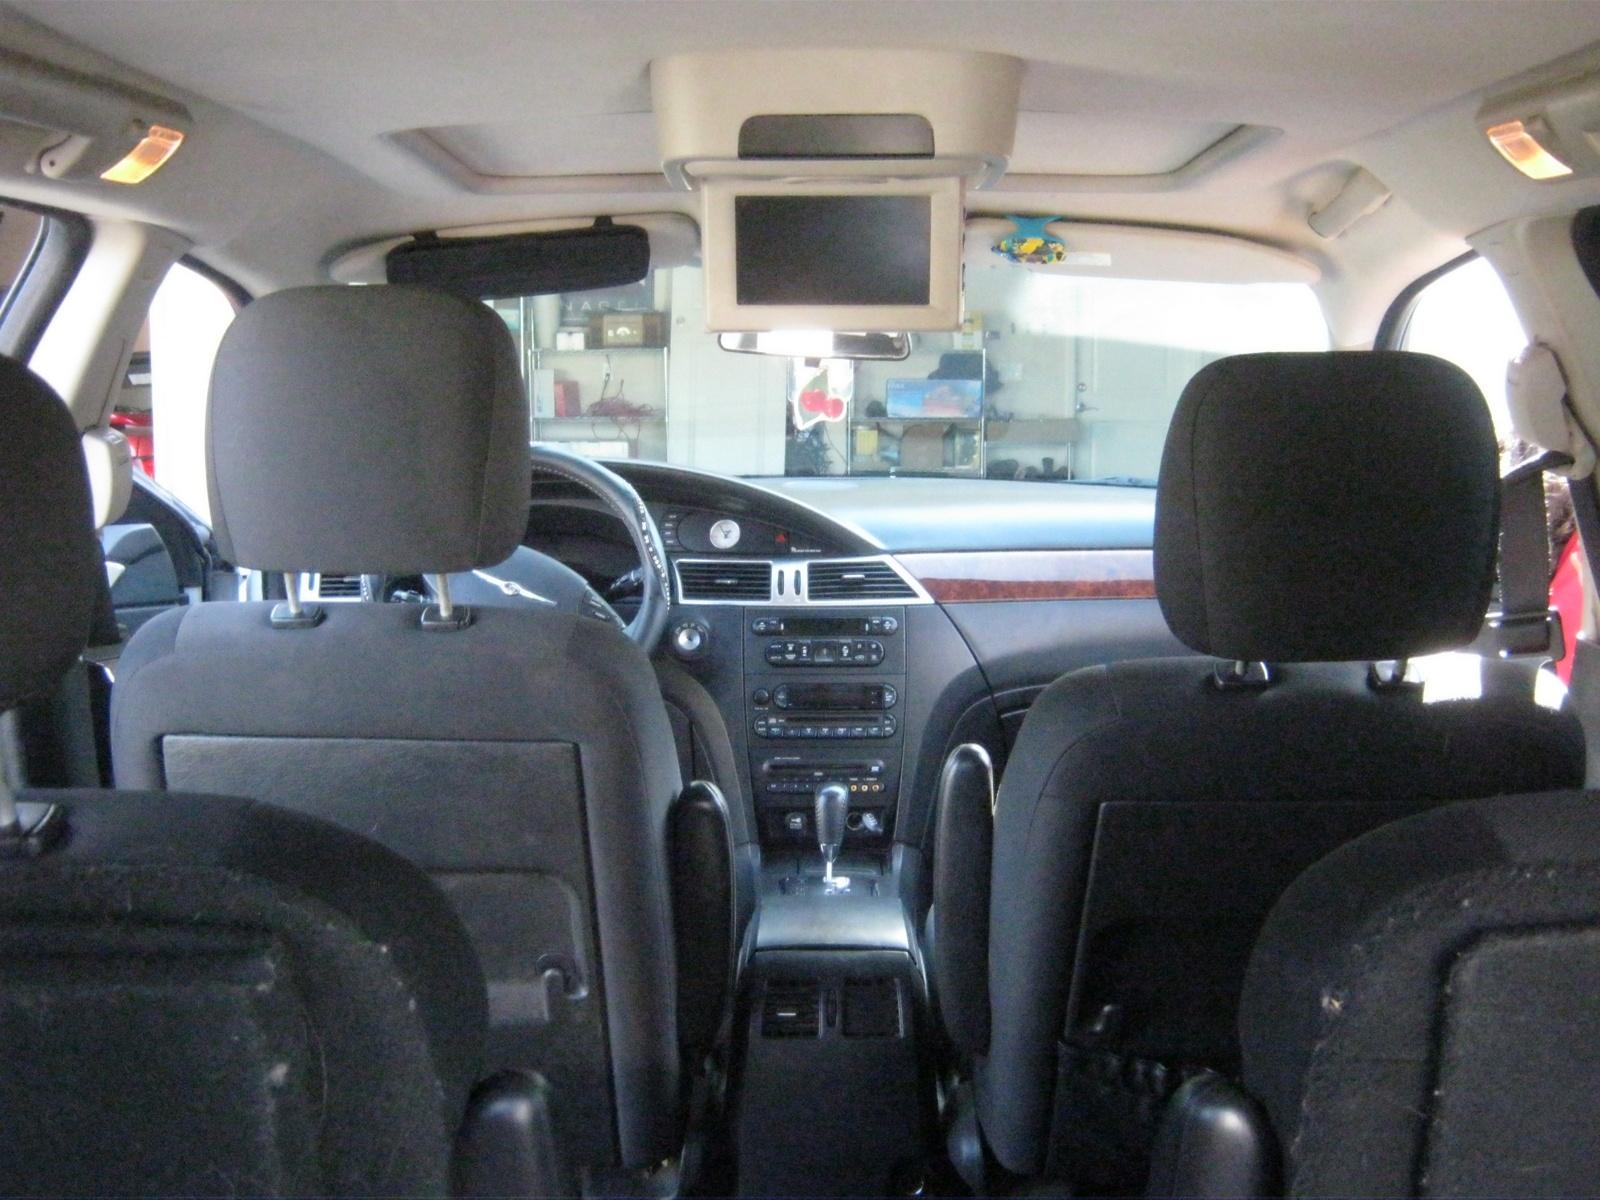 Pacifica Chrysler 2005 Interior